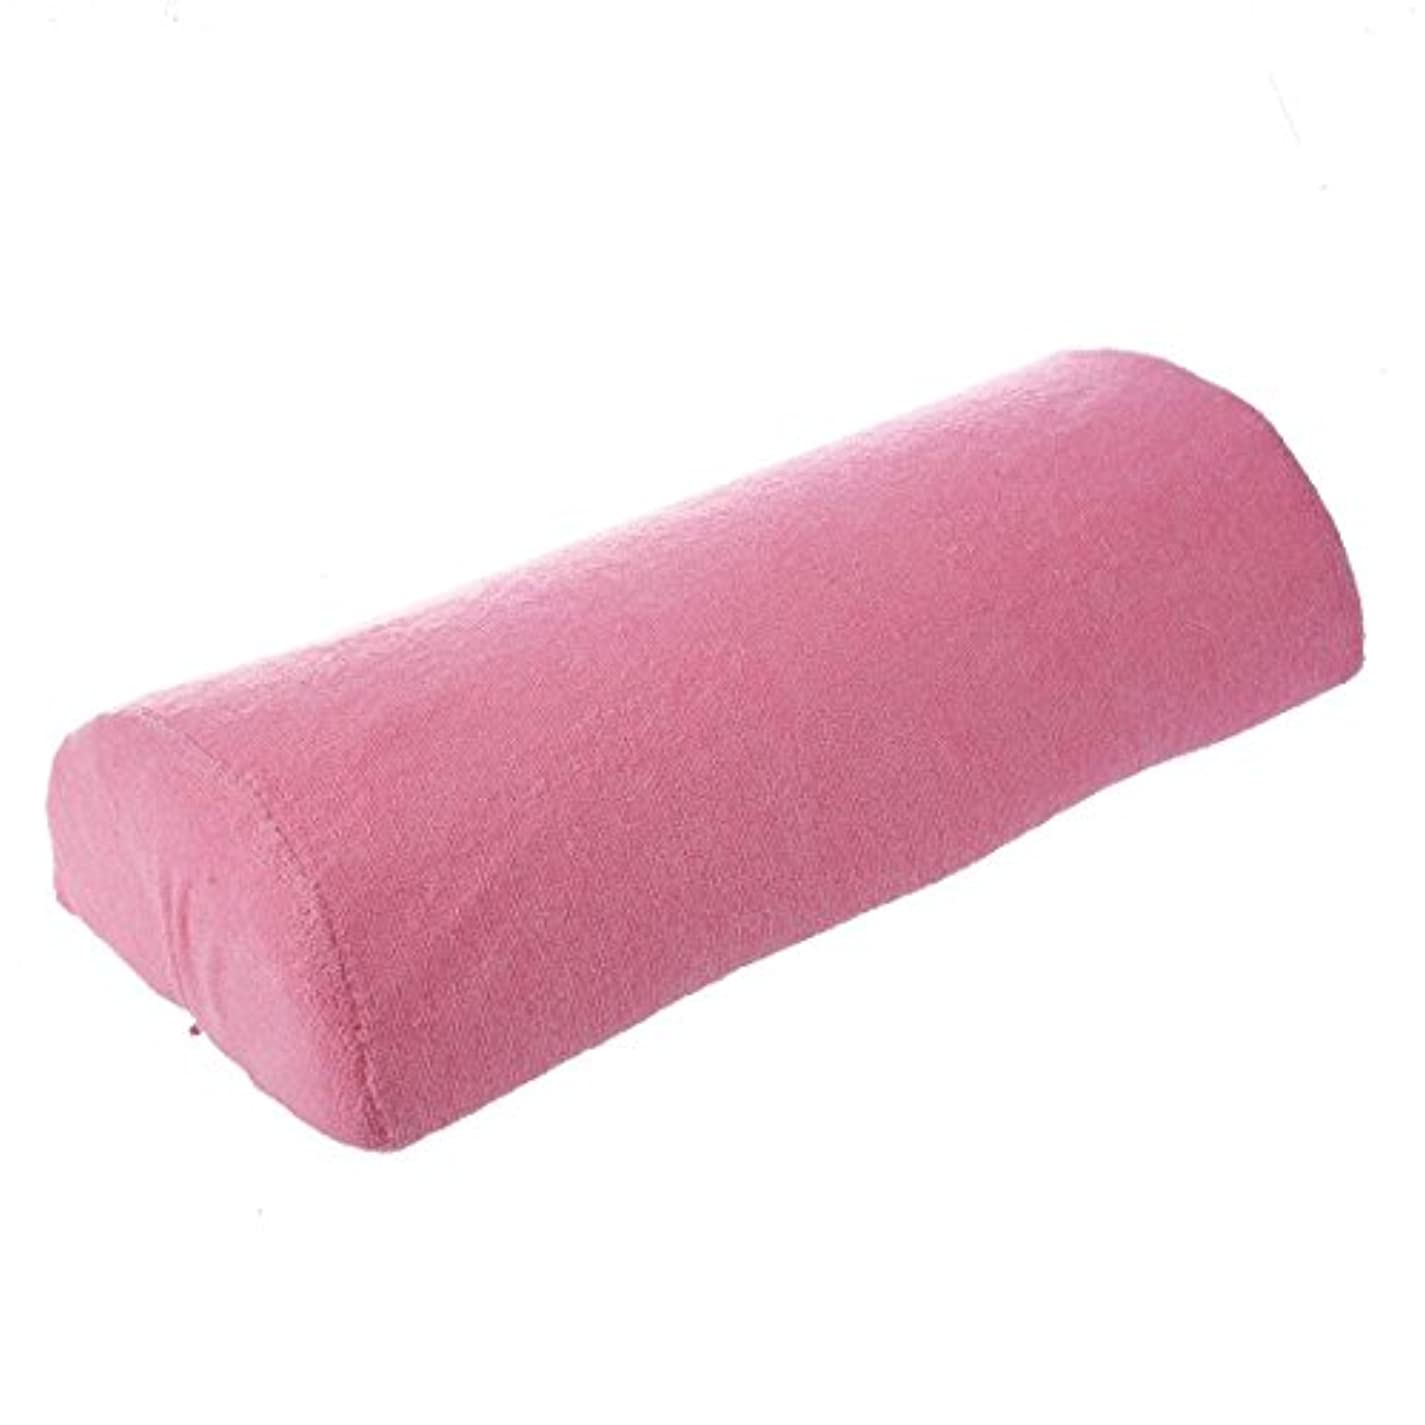 チューブ近く大きさTOOGOO ネイルアートのハンドのクッション枕 ピンク